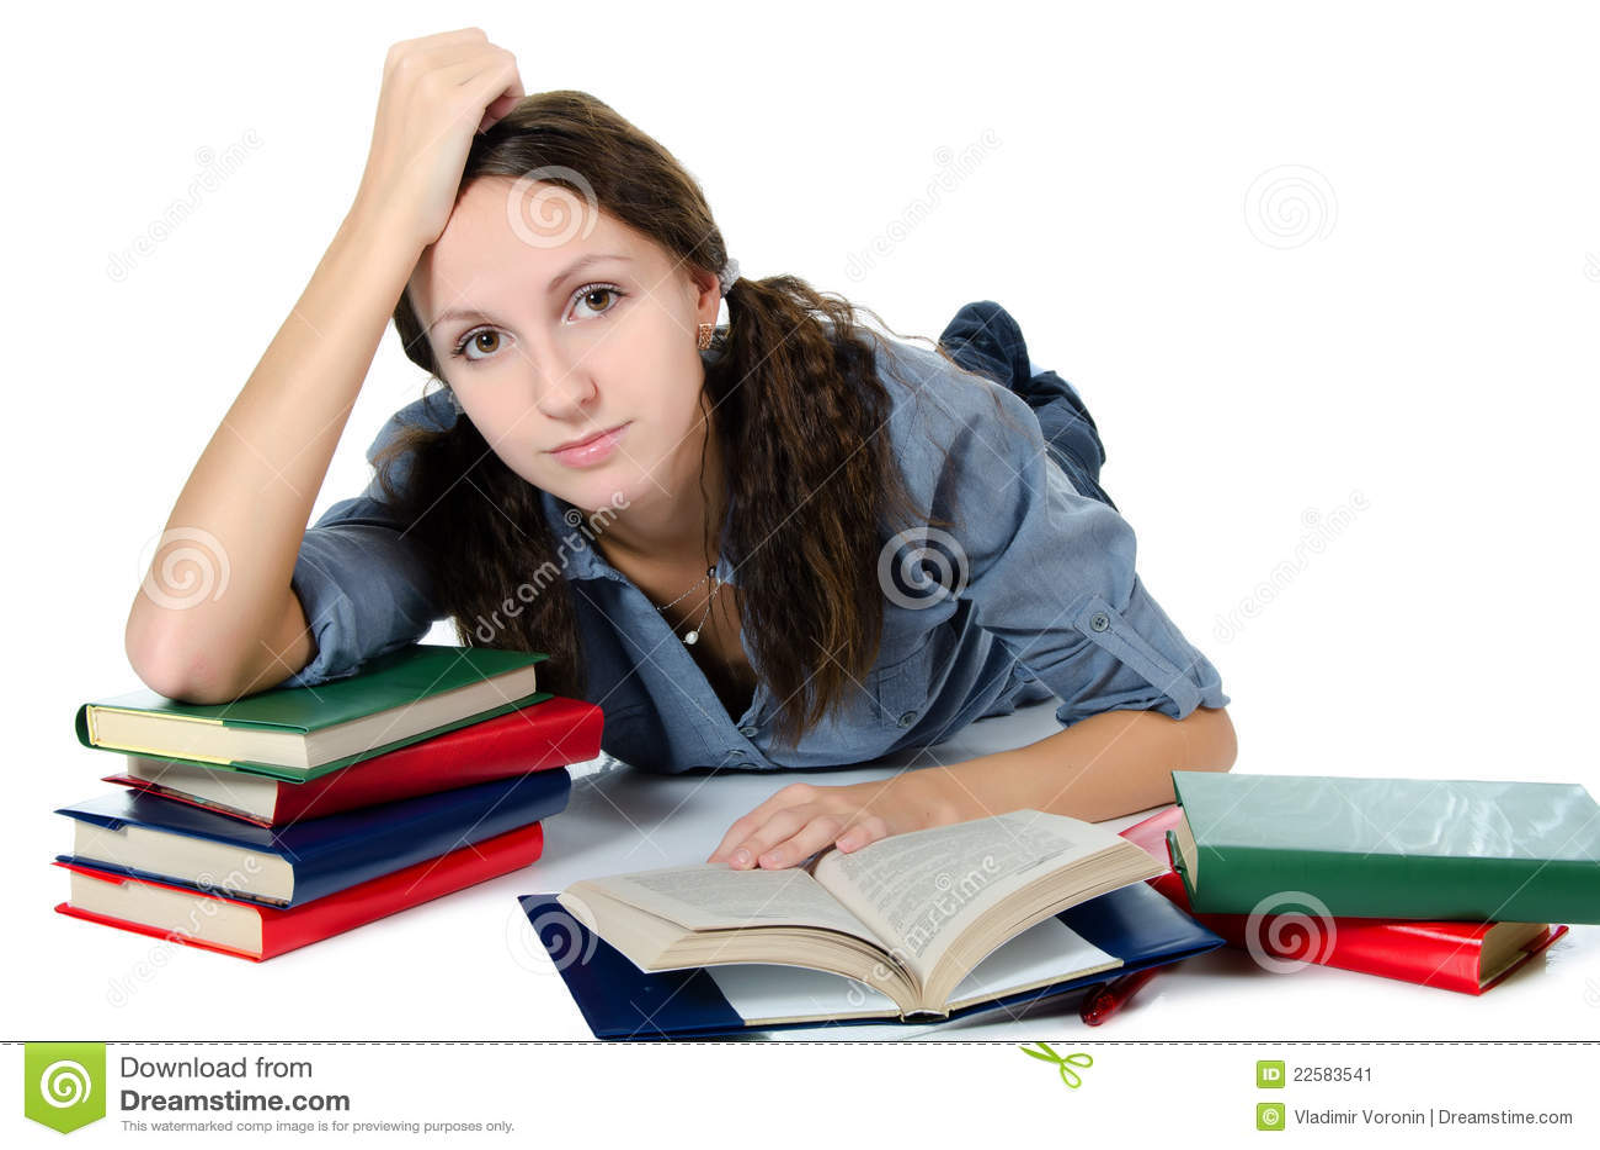 Студентка готовится к сессии 3 фотография